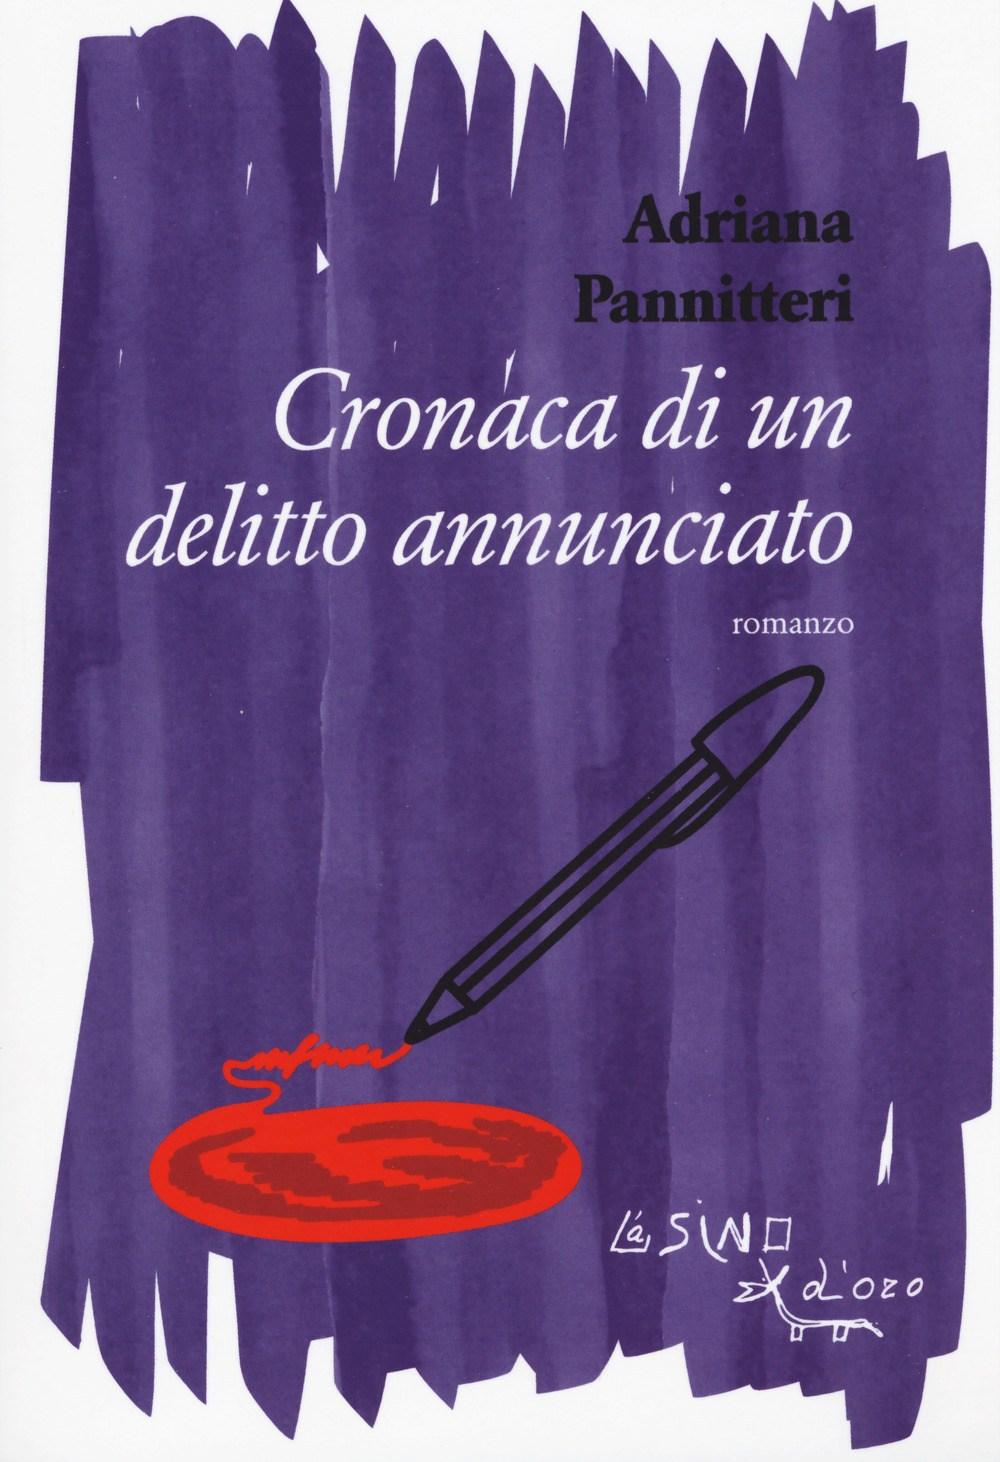 Locandina - Cronaca di un delitto annunciato con Adriana Pannitteri